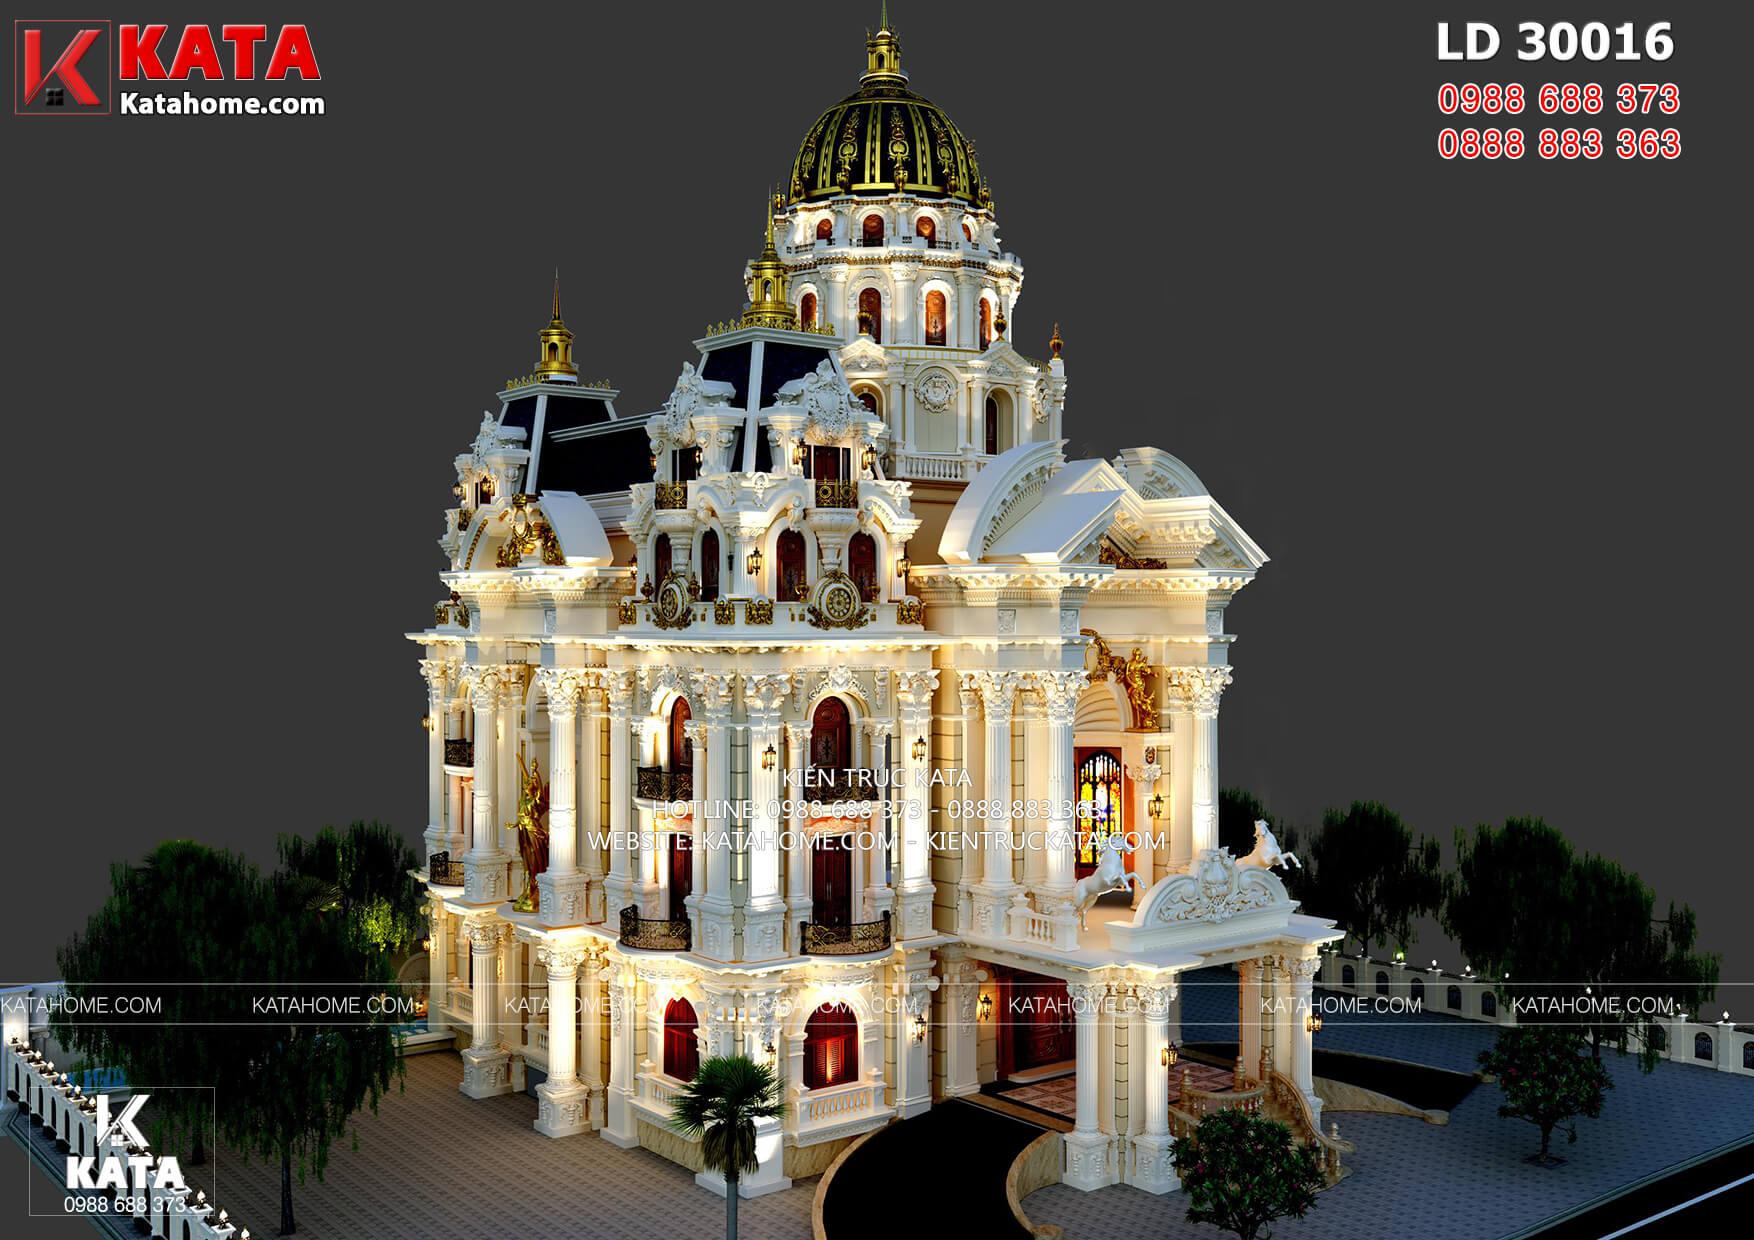 Mẫu thiết kế dinh thự lâu đài đẹp tân cổ điển LD 30016